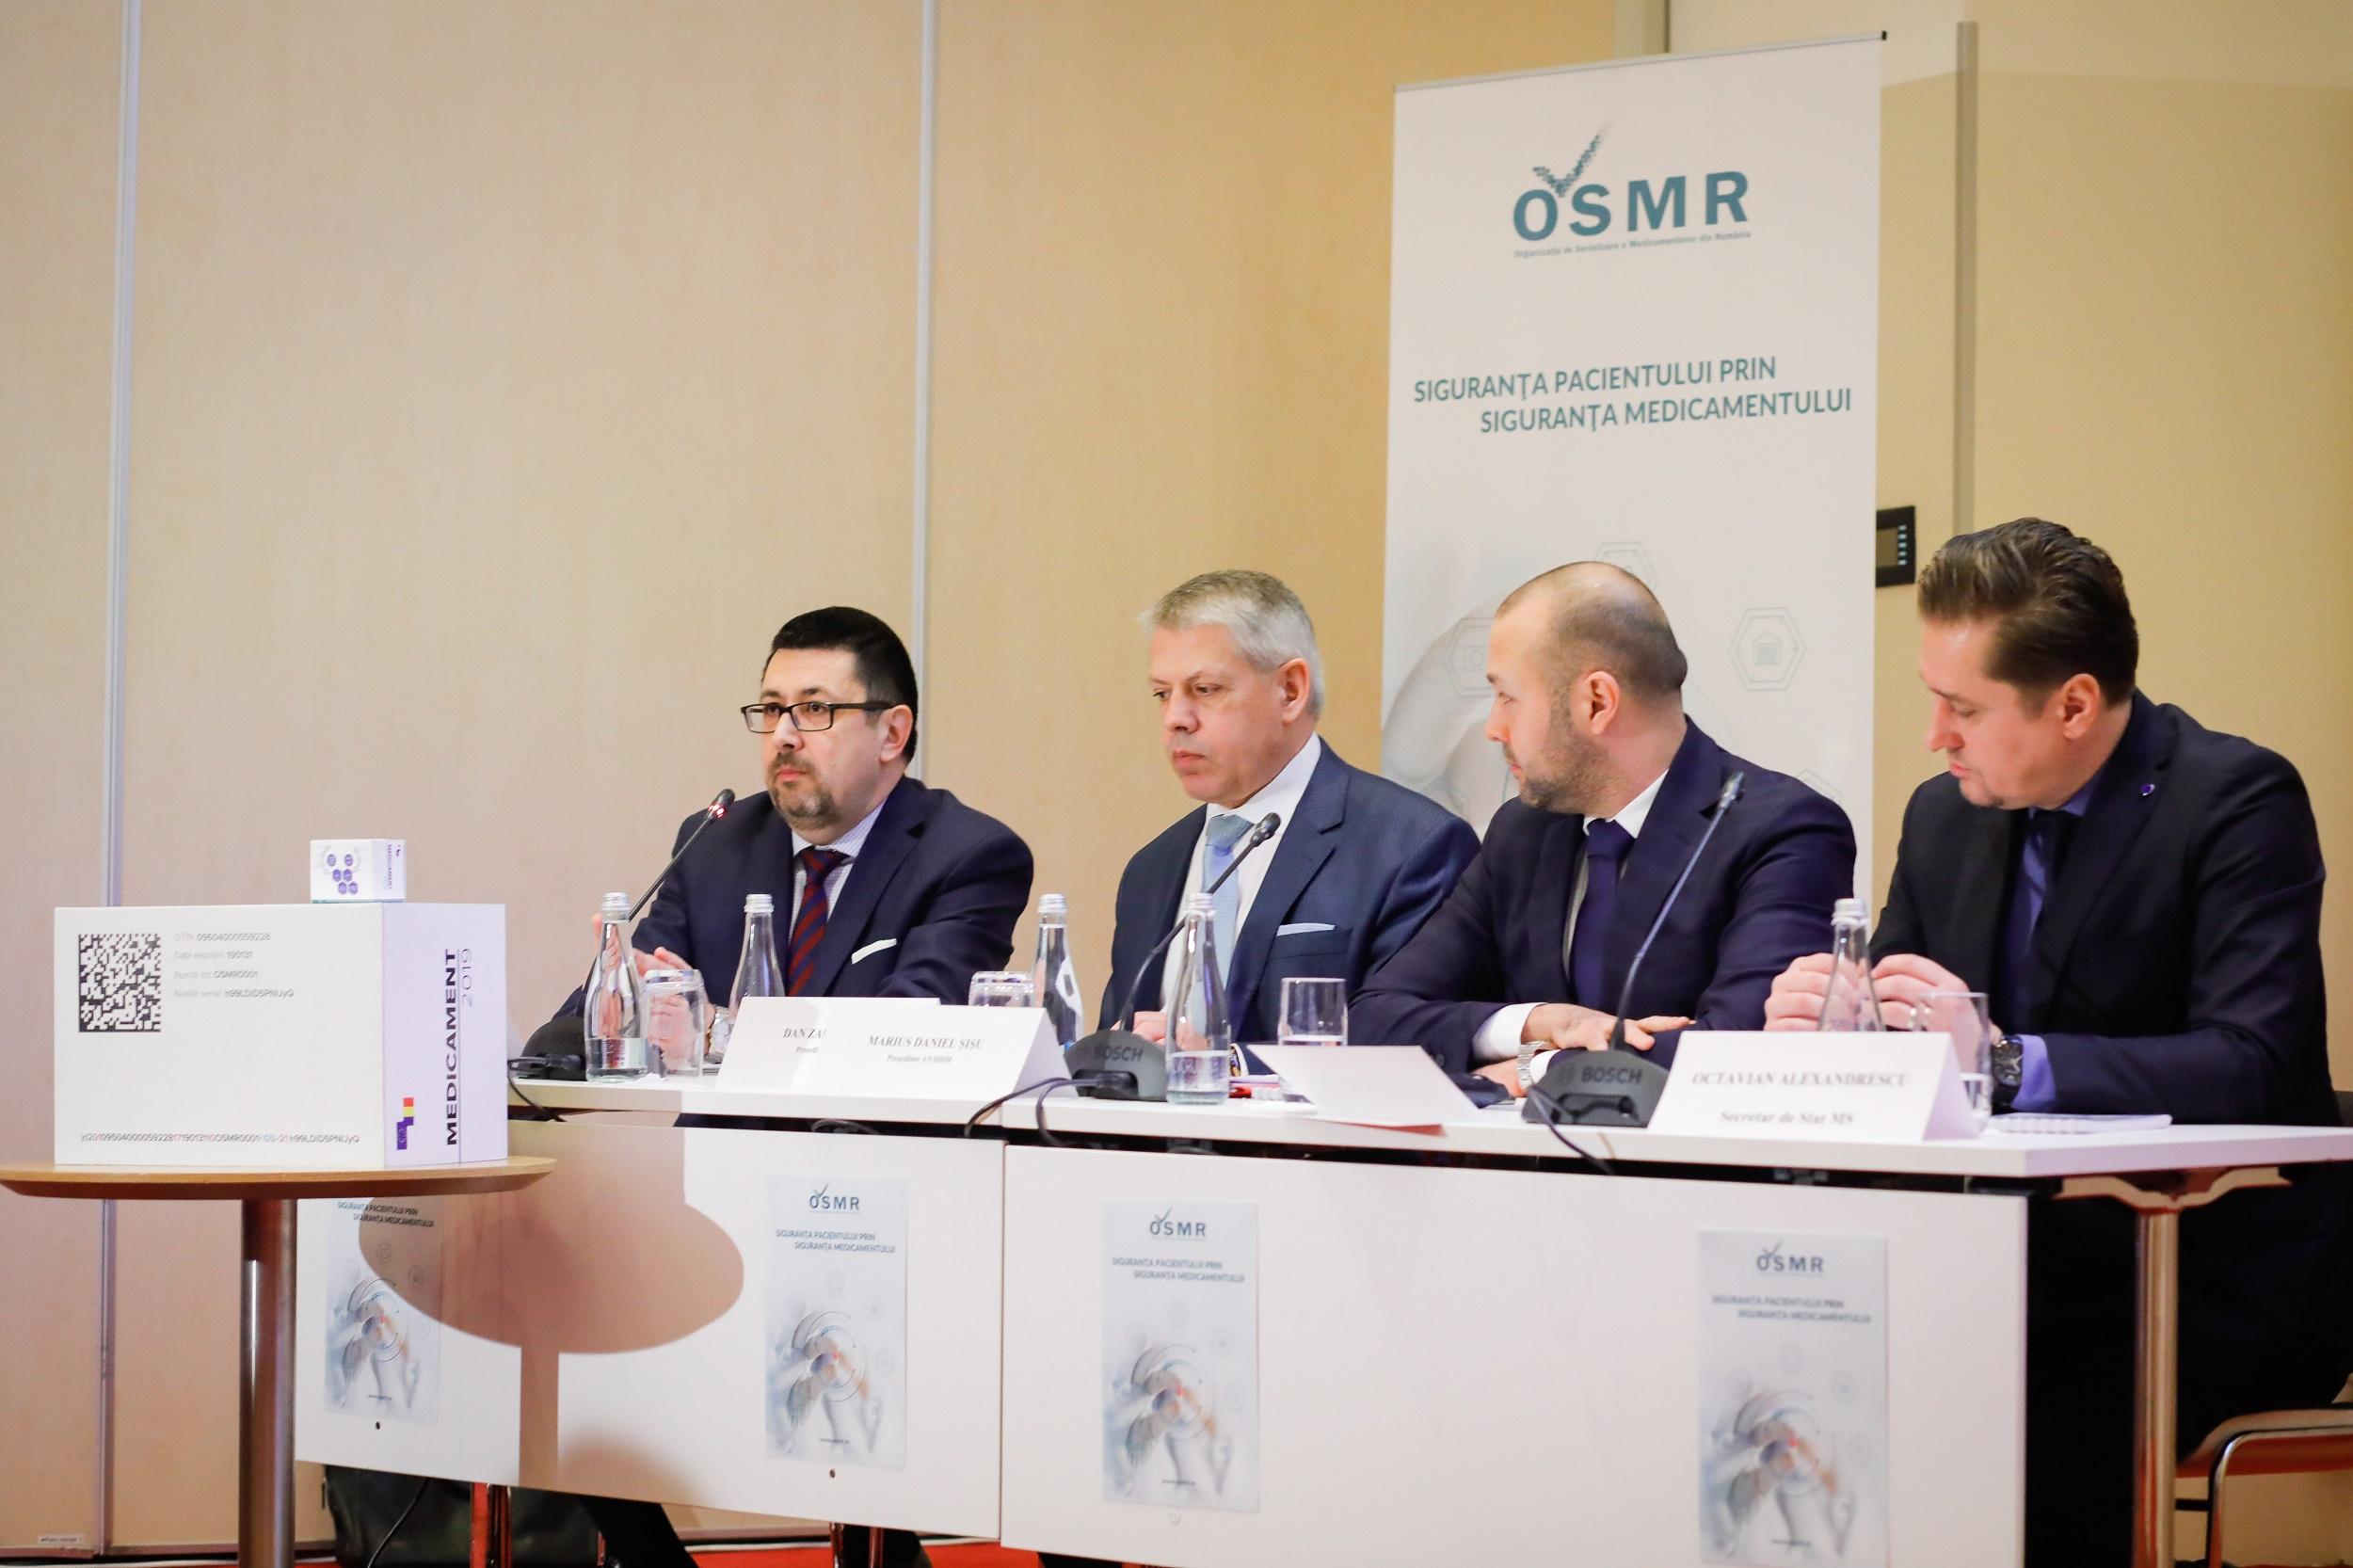 Conferința OSMR - Sistemul Național de Verificare al Medicamentelor (SNVM) devine operațional